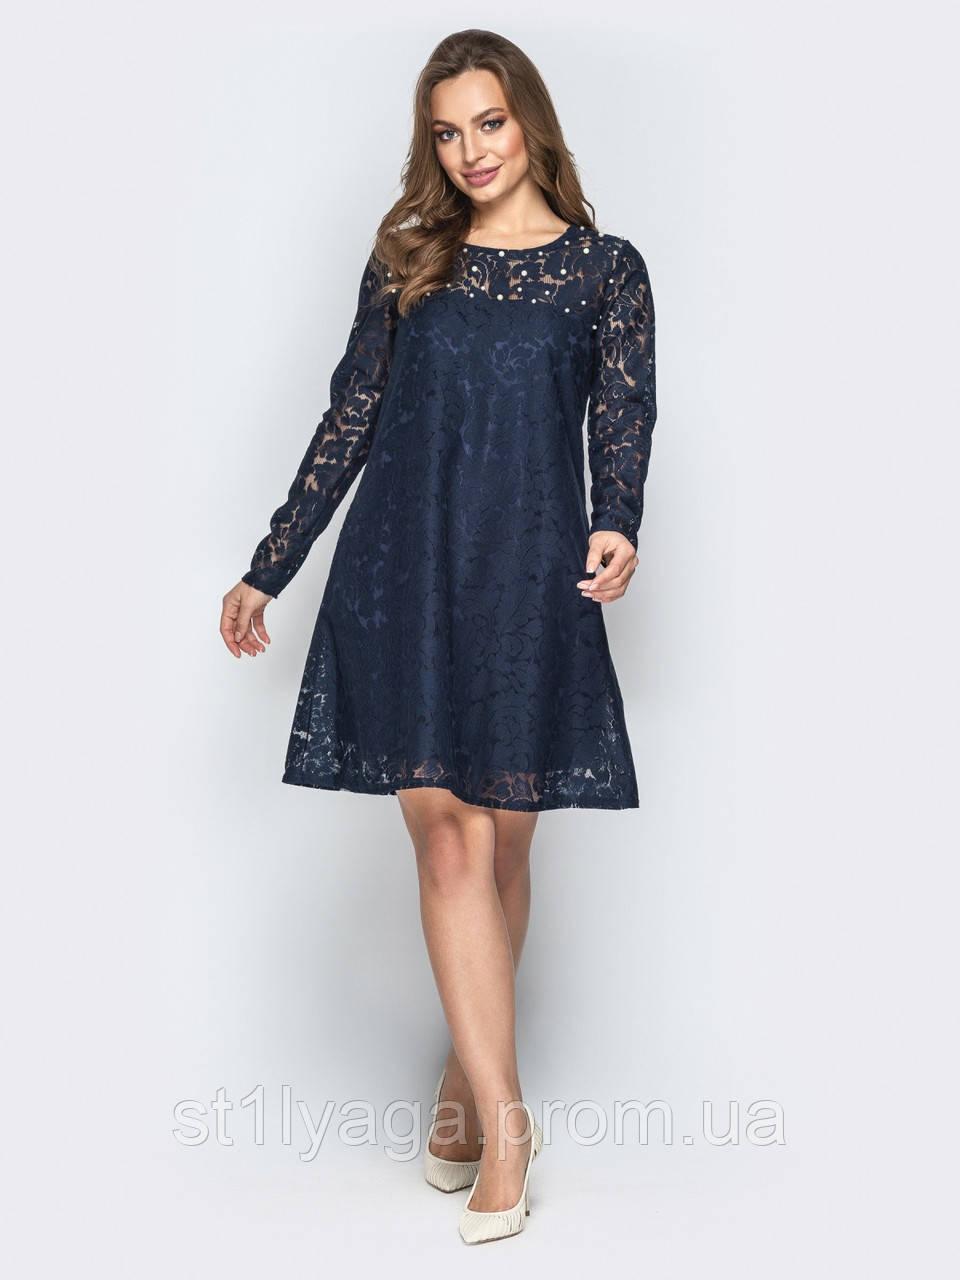 Сукня-трапеція з гіпюру з намистинами на поличці синє